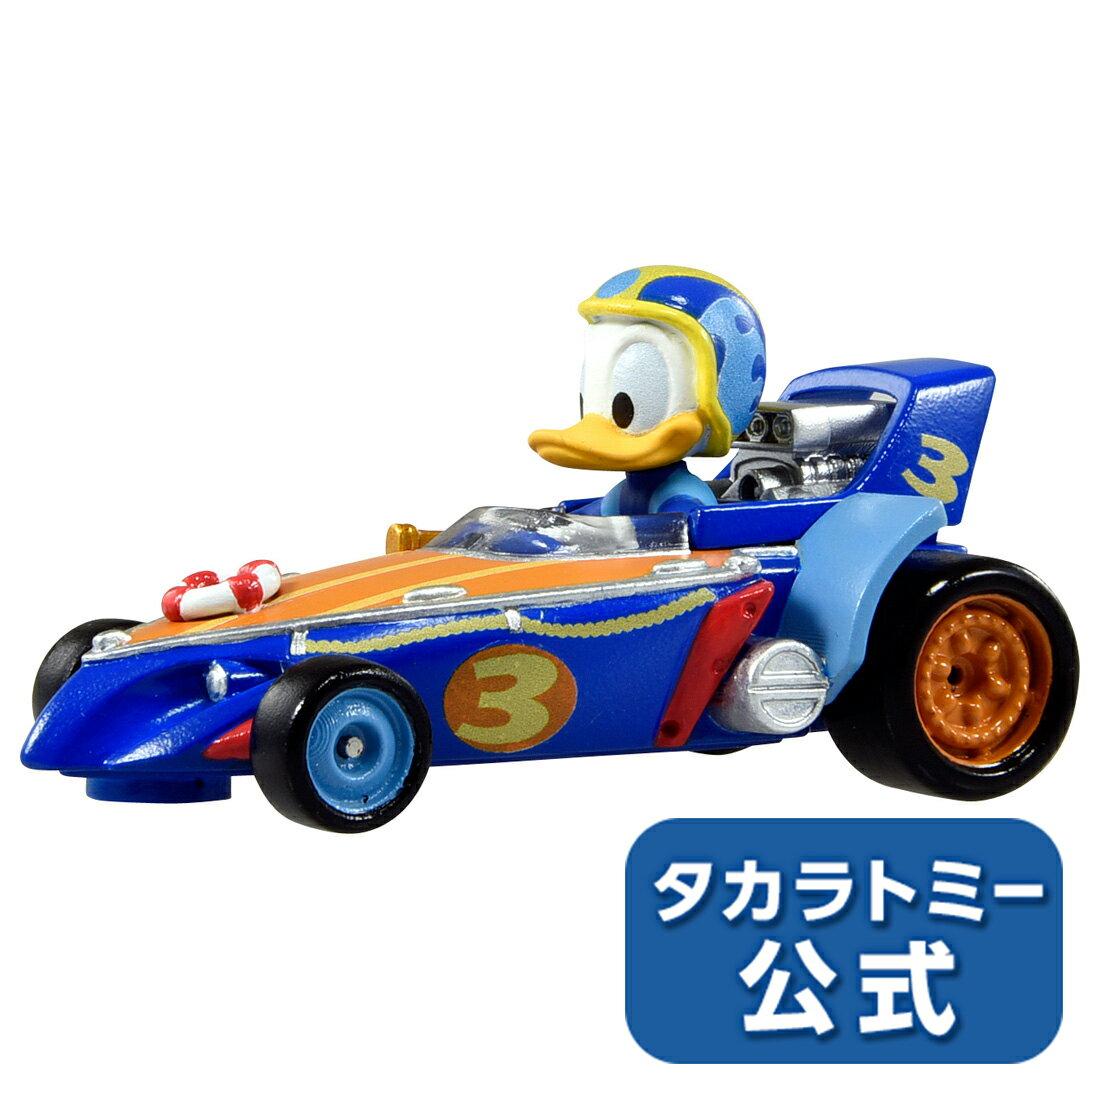 ミッキーマウスとロードレーサーズ トミカ MRR-02 ダック・クルーザー ドナルドダック【Disney_d】